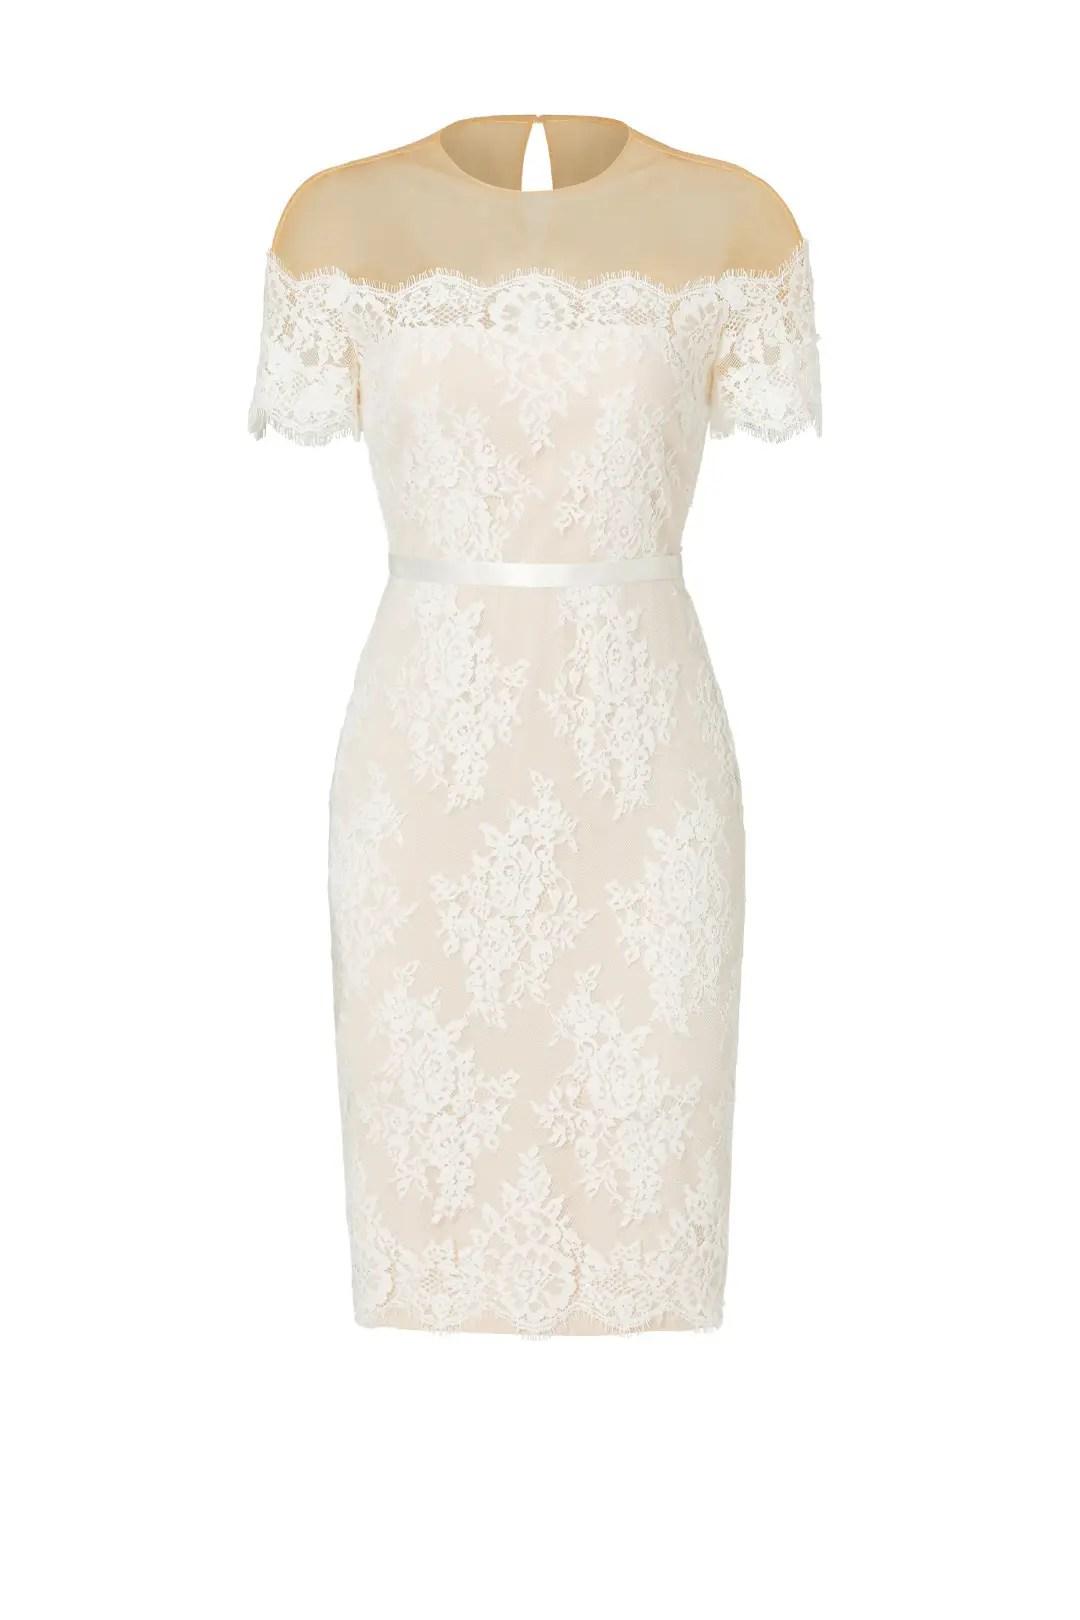 Fullsize Of Ivory Lace Dress